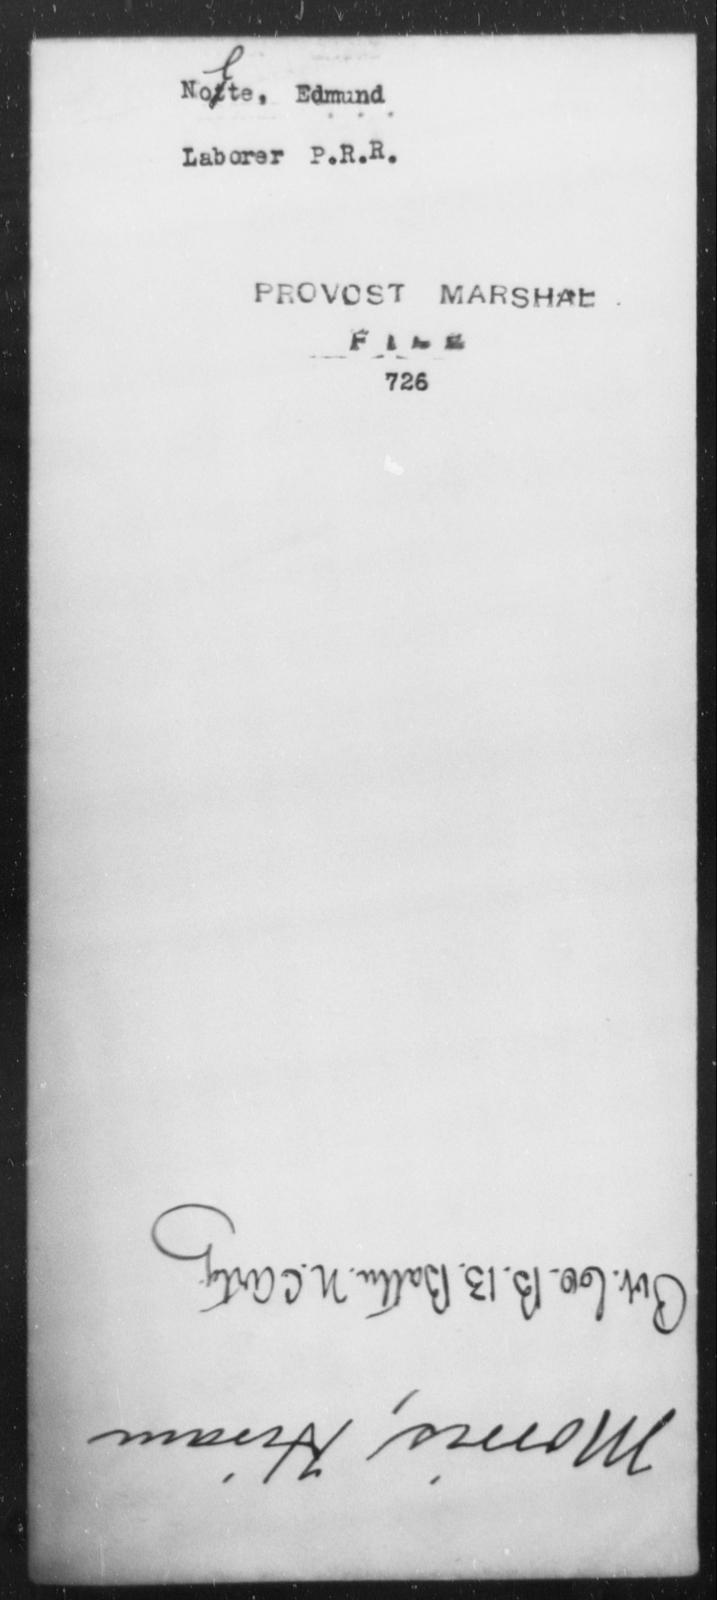 Nolte, Edmund - State: [Blank] - Year: [Blank]